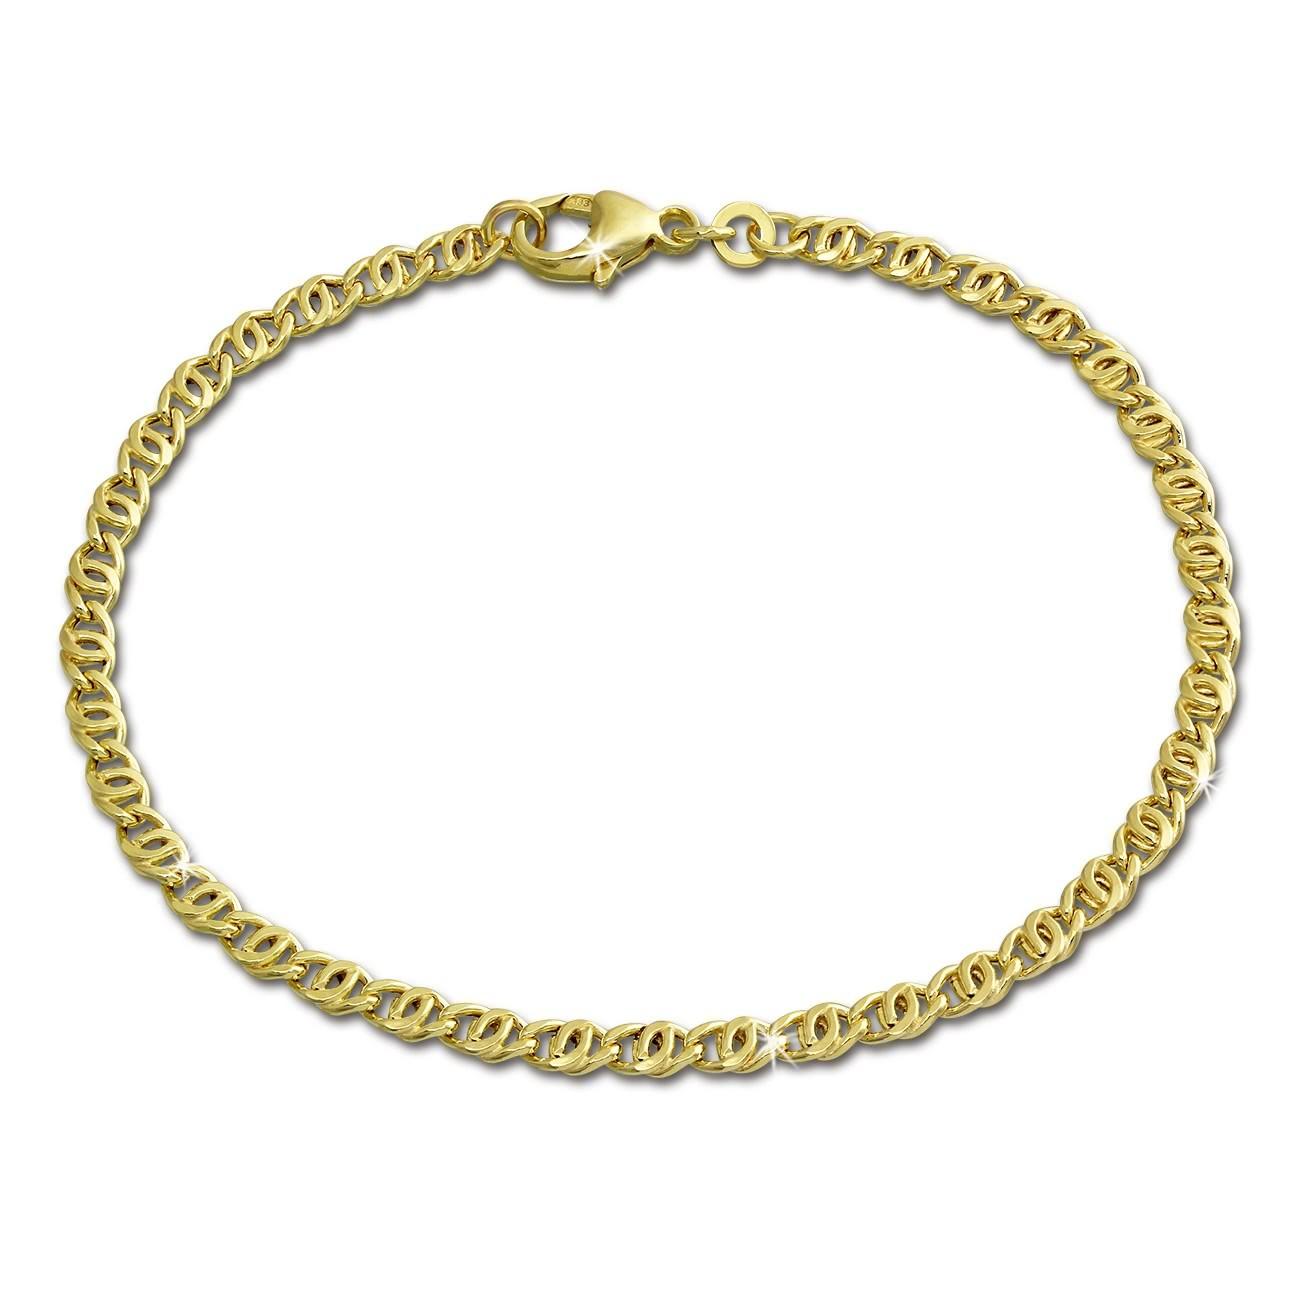 SilberDream Armband Tigerauge 333 Gold 19cm 8 Karat GDA0039Y